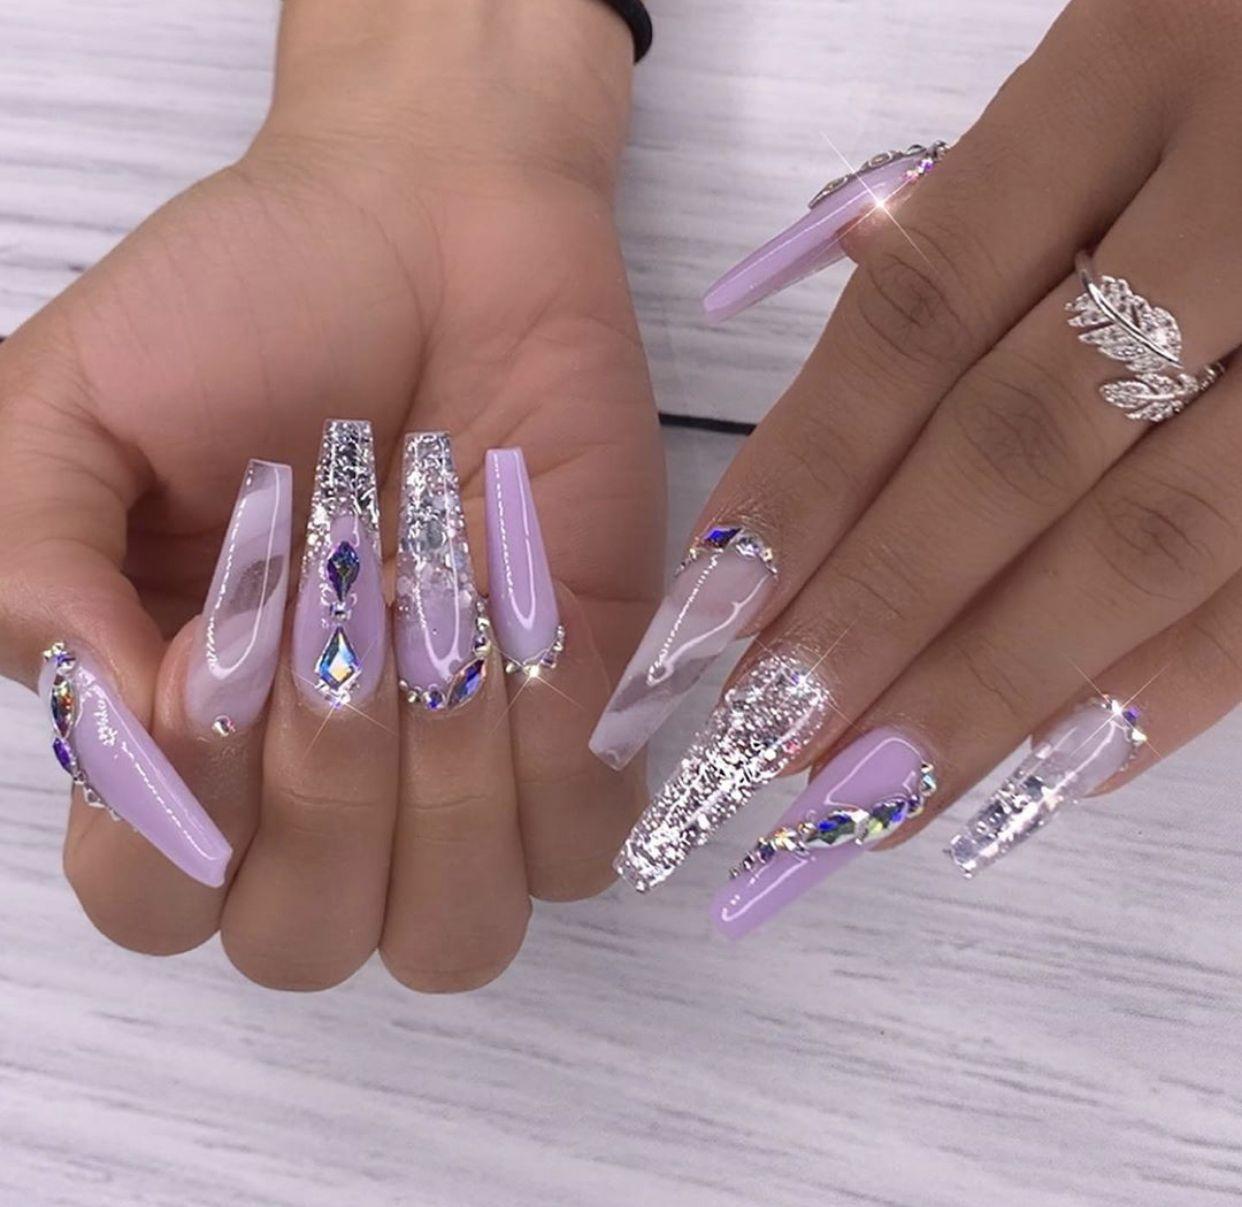 #nailswagg; #nailstyle;  #nailsaddict; #nails4today; #nailsdid; #nailspiration; #nailspo; #nailsdesign; #nailsoftheday; #nailslover